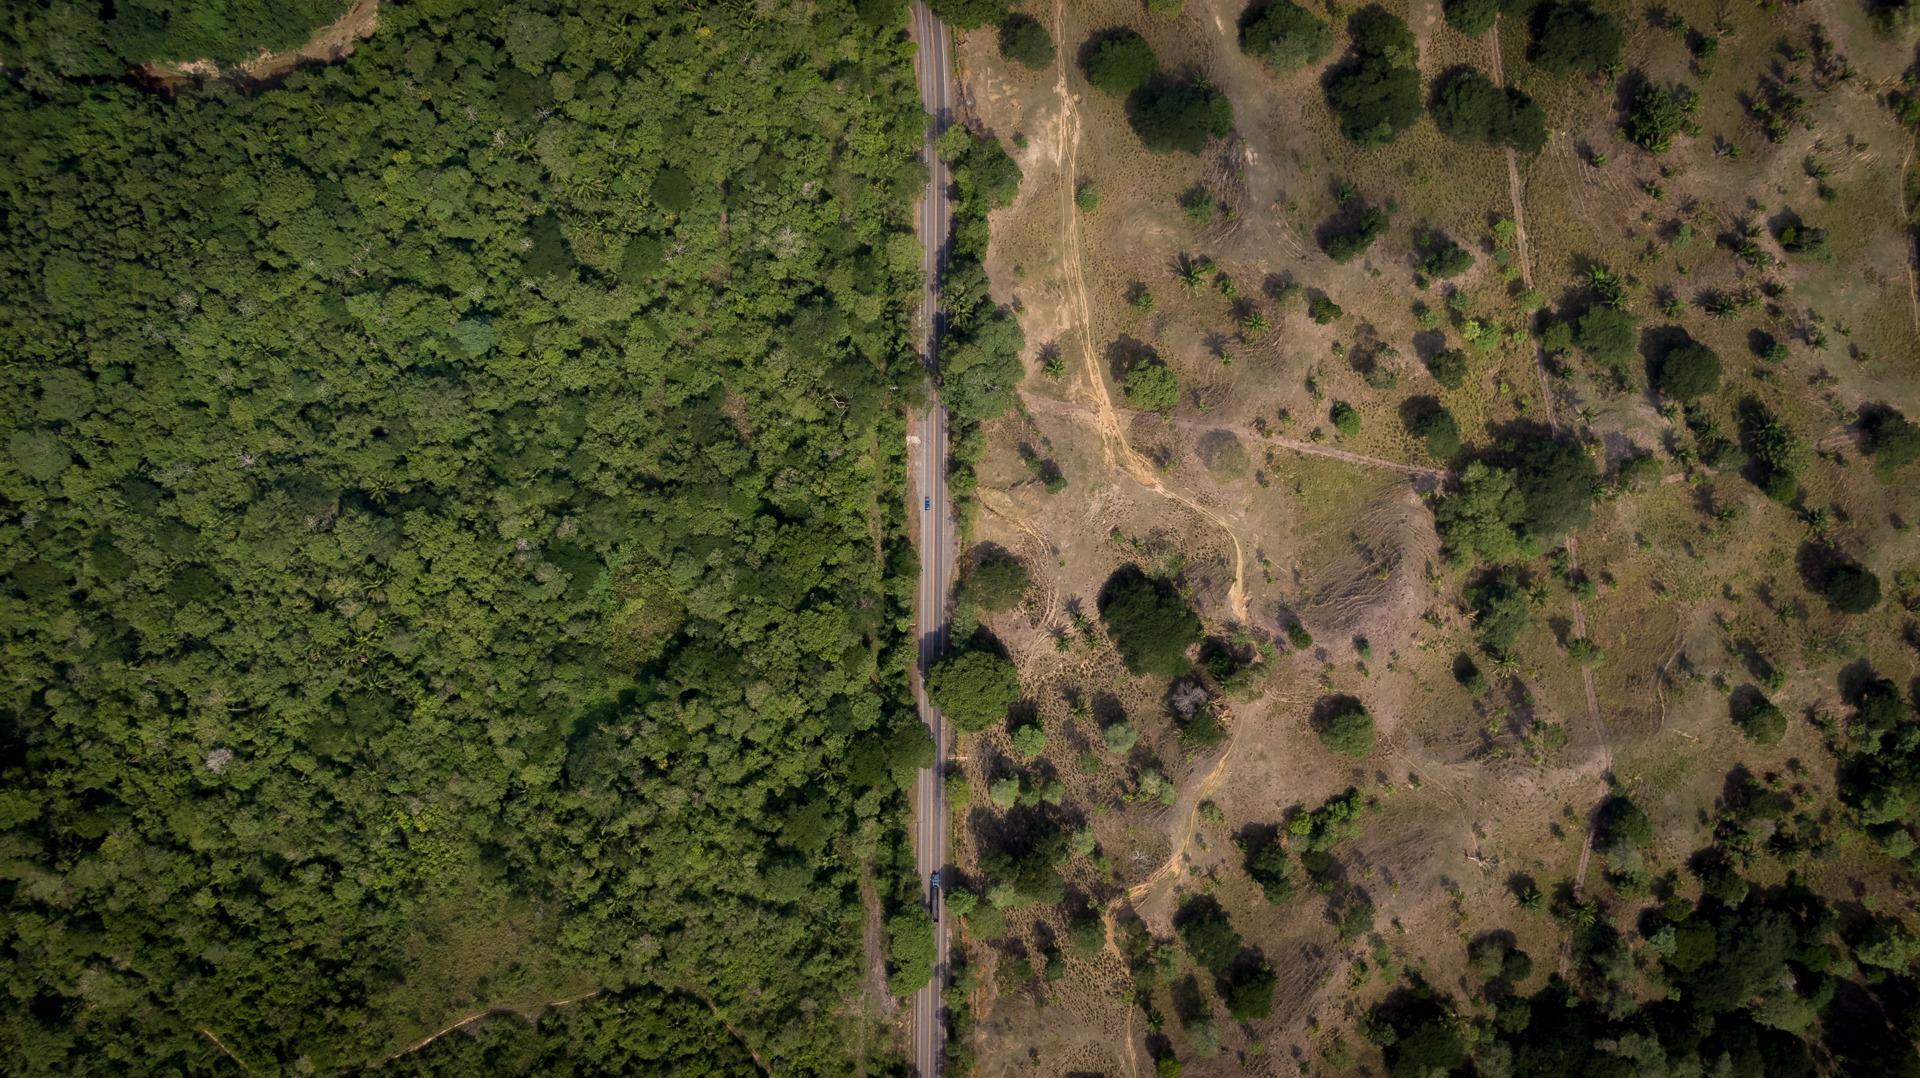 La deforestazione in Colombia è una minaccia di estinzione per specie di uccelli non ancora in Red List